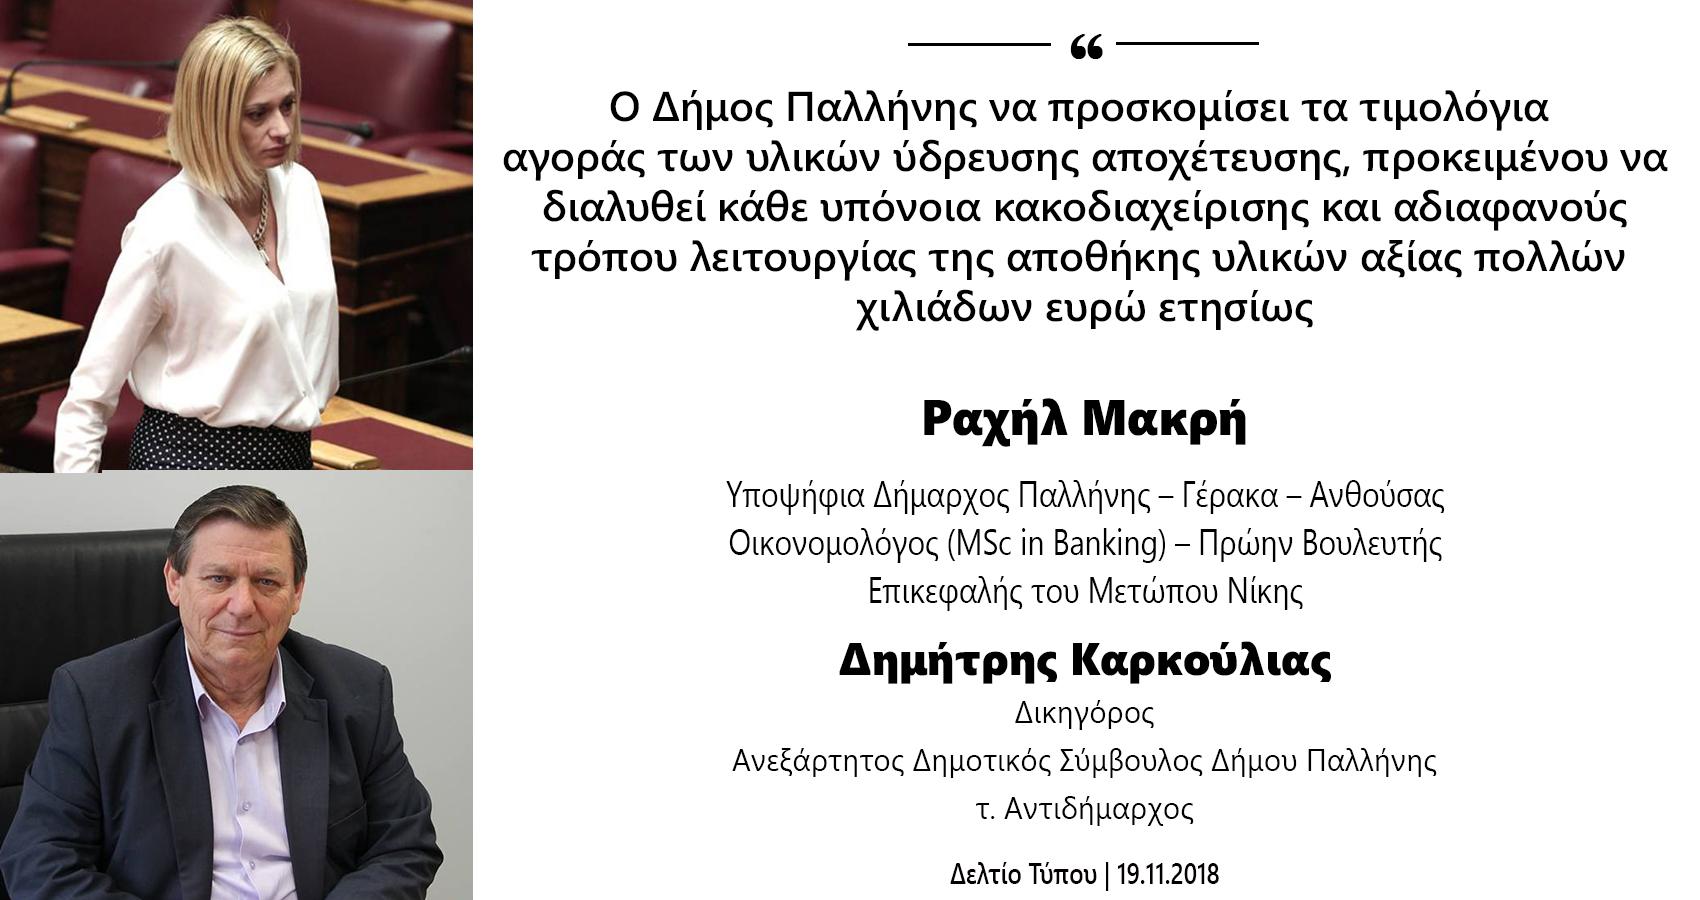 """Ραχήλ Μακρή – Δημήτρης Καρκούλιας: """"Ο Δήμος Παλλήνης να προσκομίσει τα τιμολόγια αγοράς των υλικών ύδρευσης αποχέτευσης, προκειμένου να διαλυθεί κάθε υπόνοια κακοδιαχείρισης και αδιαφανούς τρόπου λειτουργίας της αποθήκης υλικών αξίας πολλών χιλιάδων ευρώ ετησίως"""""""